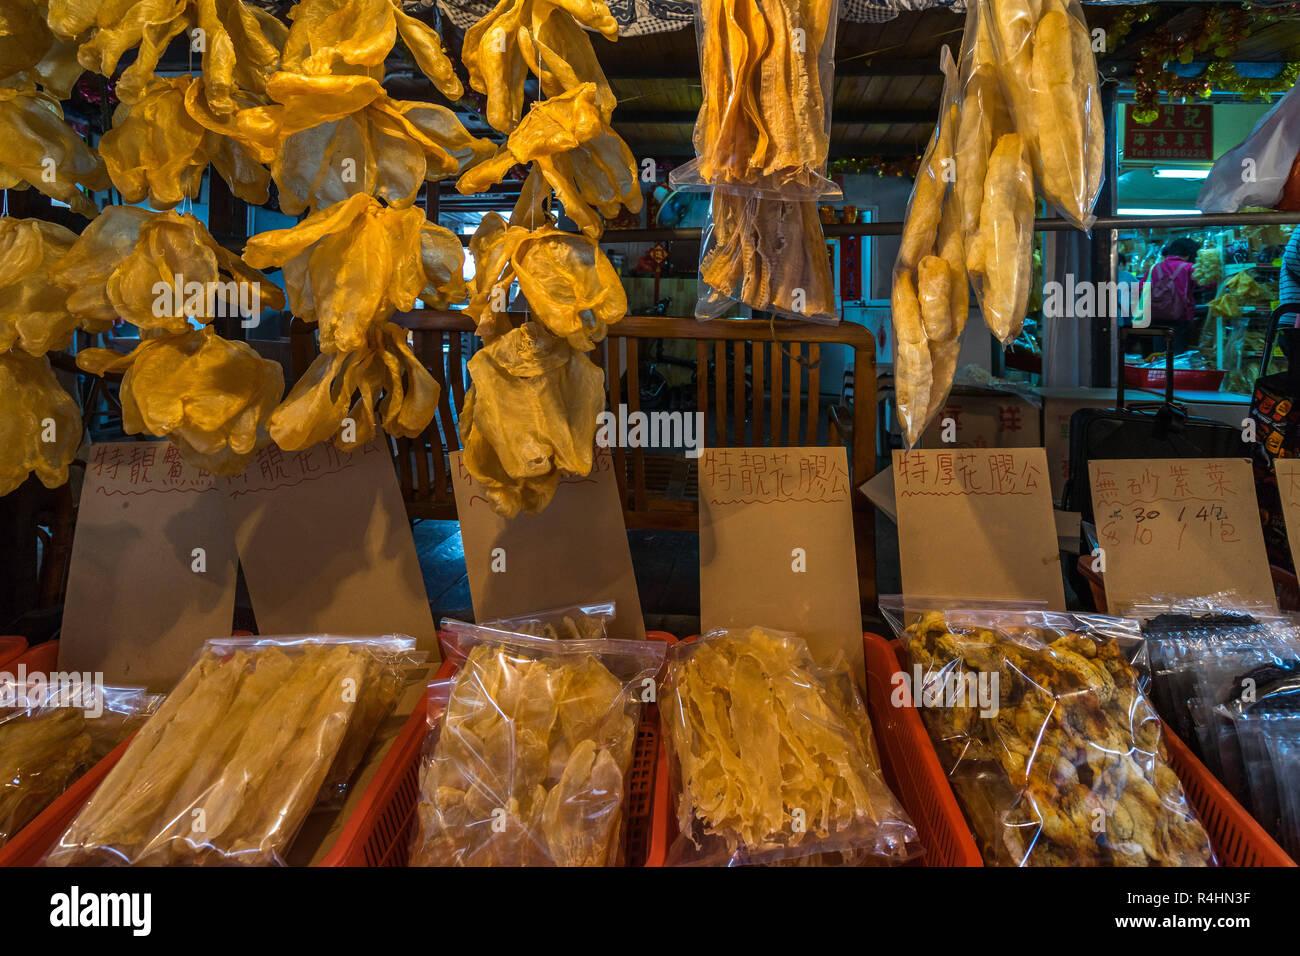 Dried fish for sale at Tai O fishing village, Lantau Island, Hong Kong - Stock Image